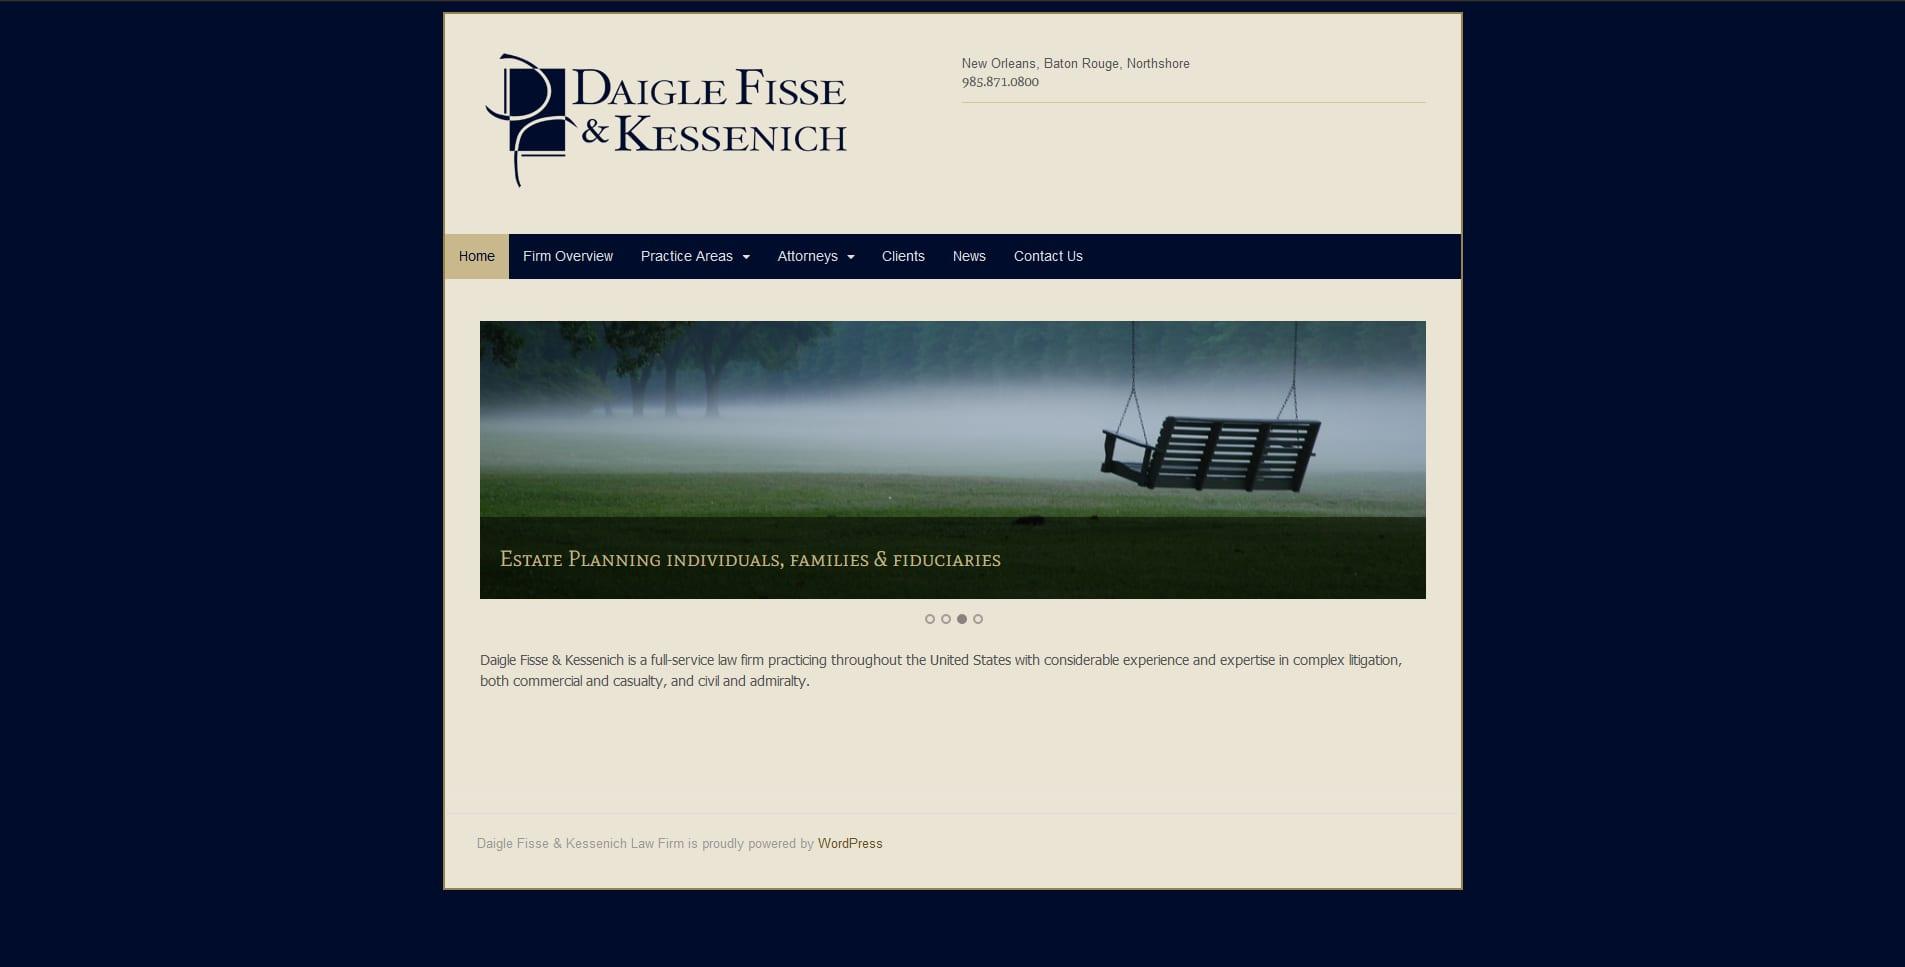 Daigle Fisse & Kessenich Law Firm